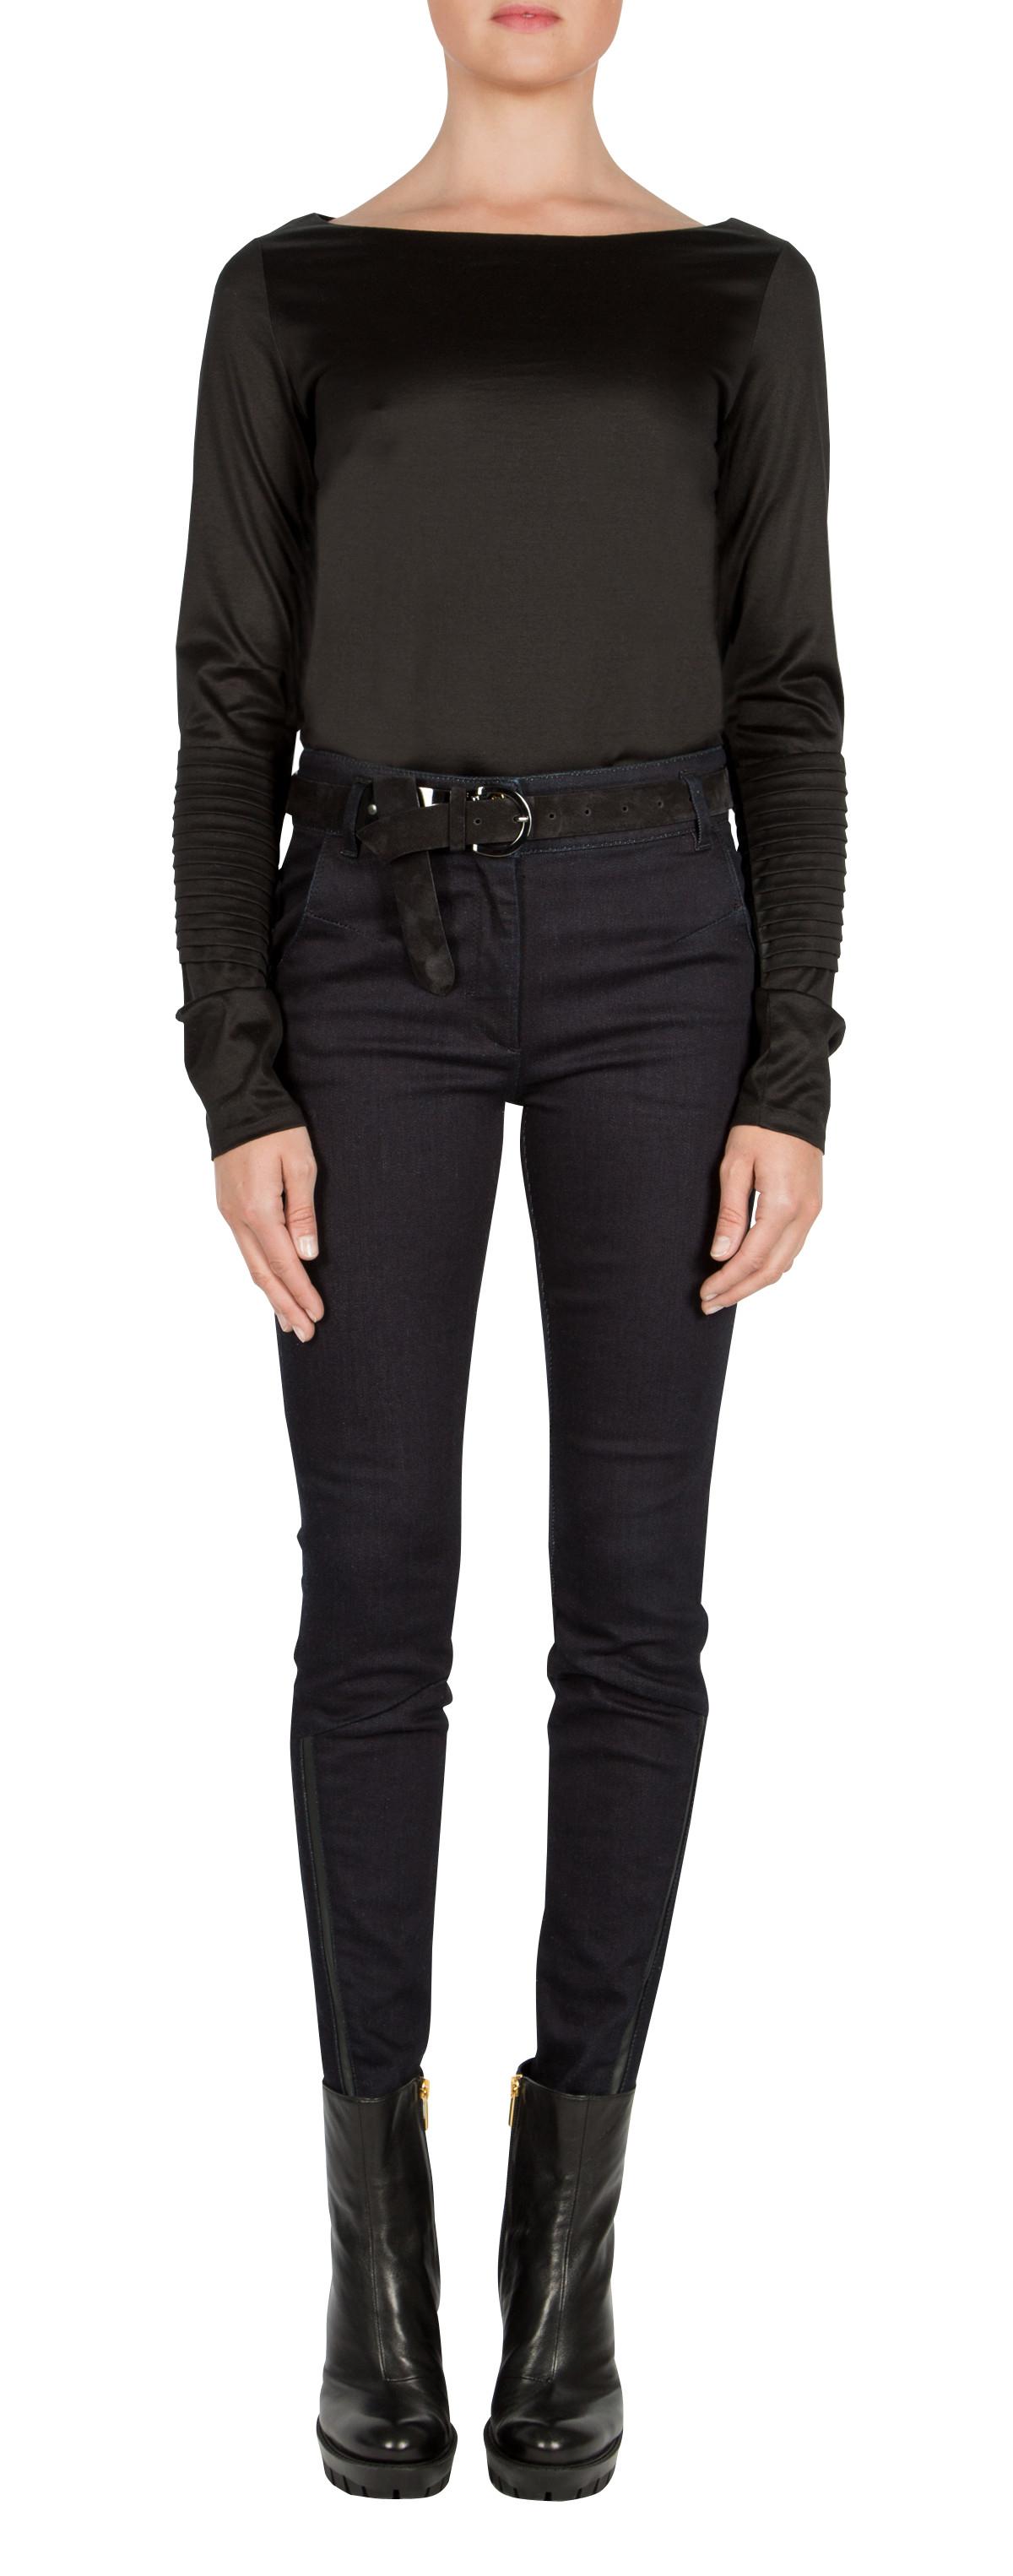 dorothee schumacher structural effects shirt boatneck 1 1 in black lyst. Black Bedroom Furniture Sets. Home Design Ideas